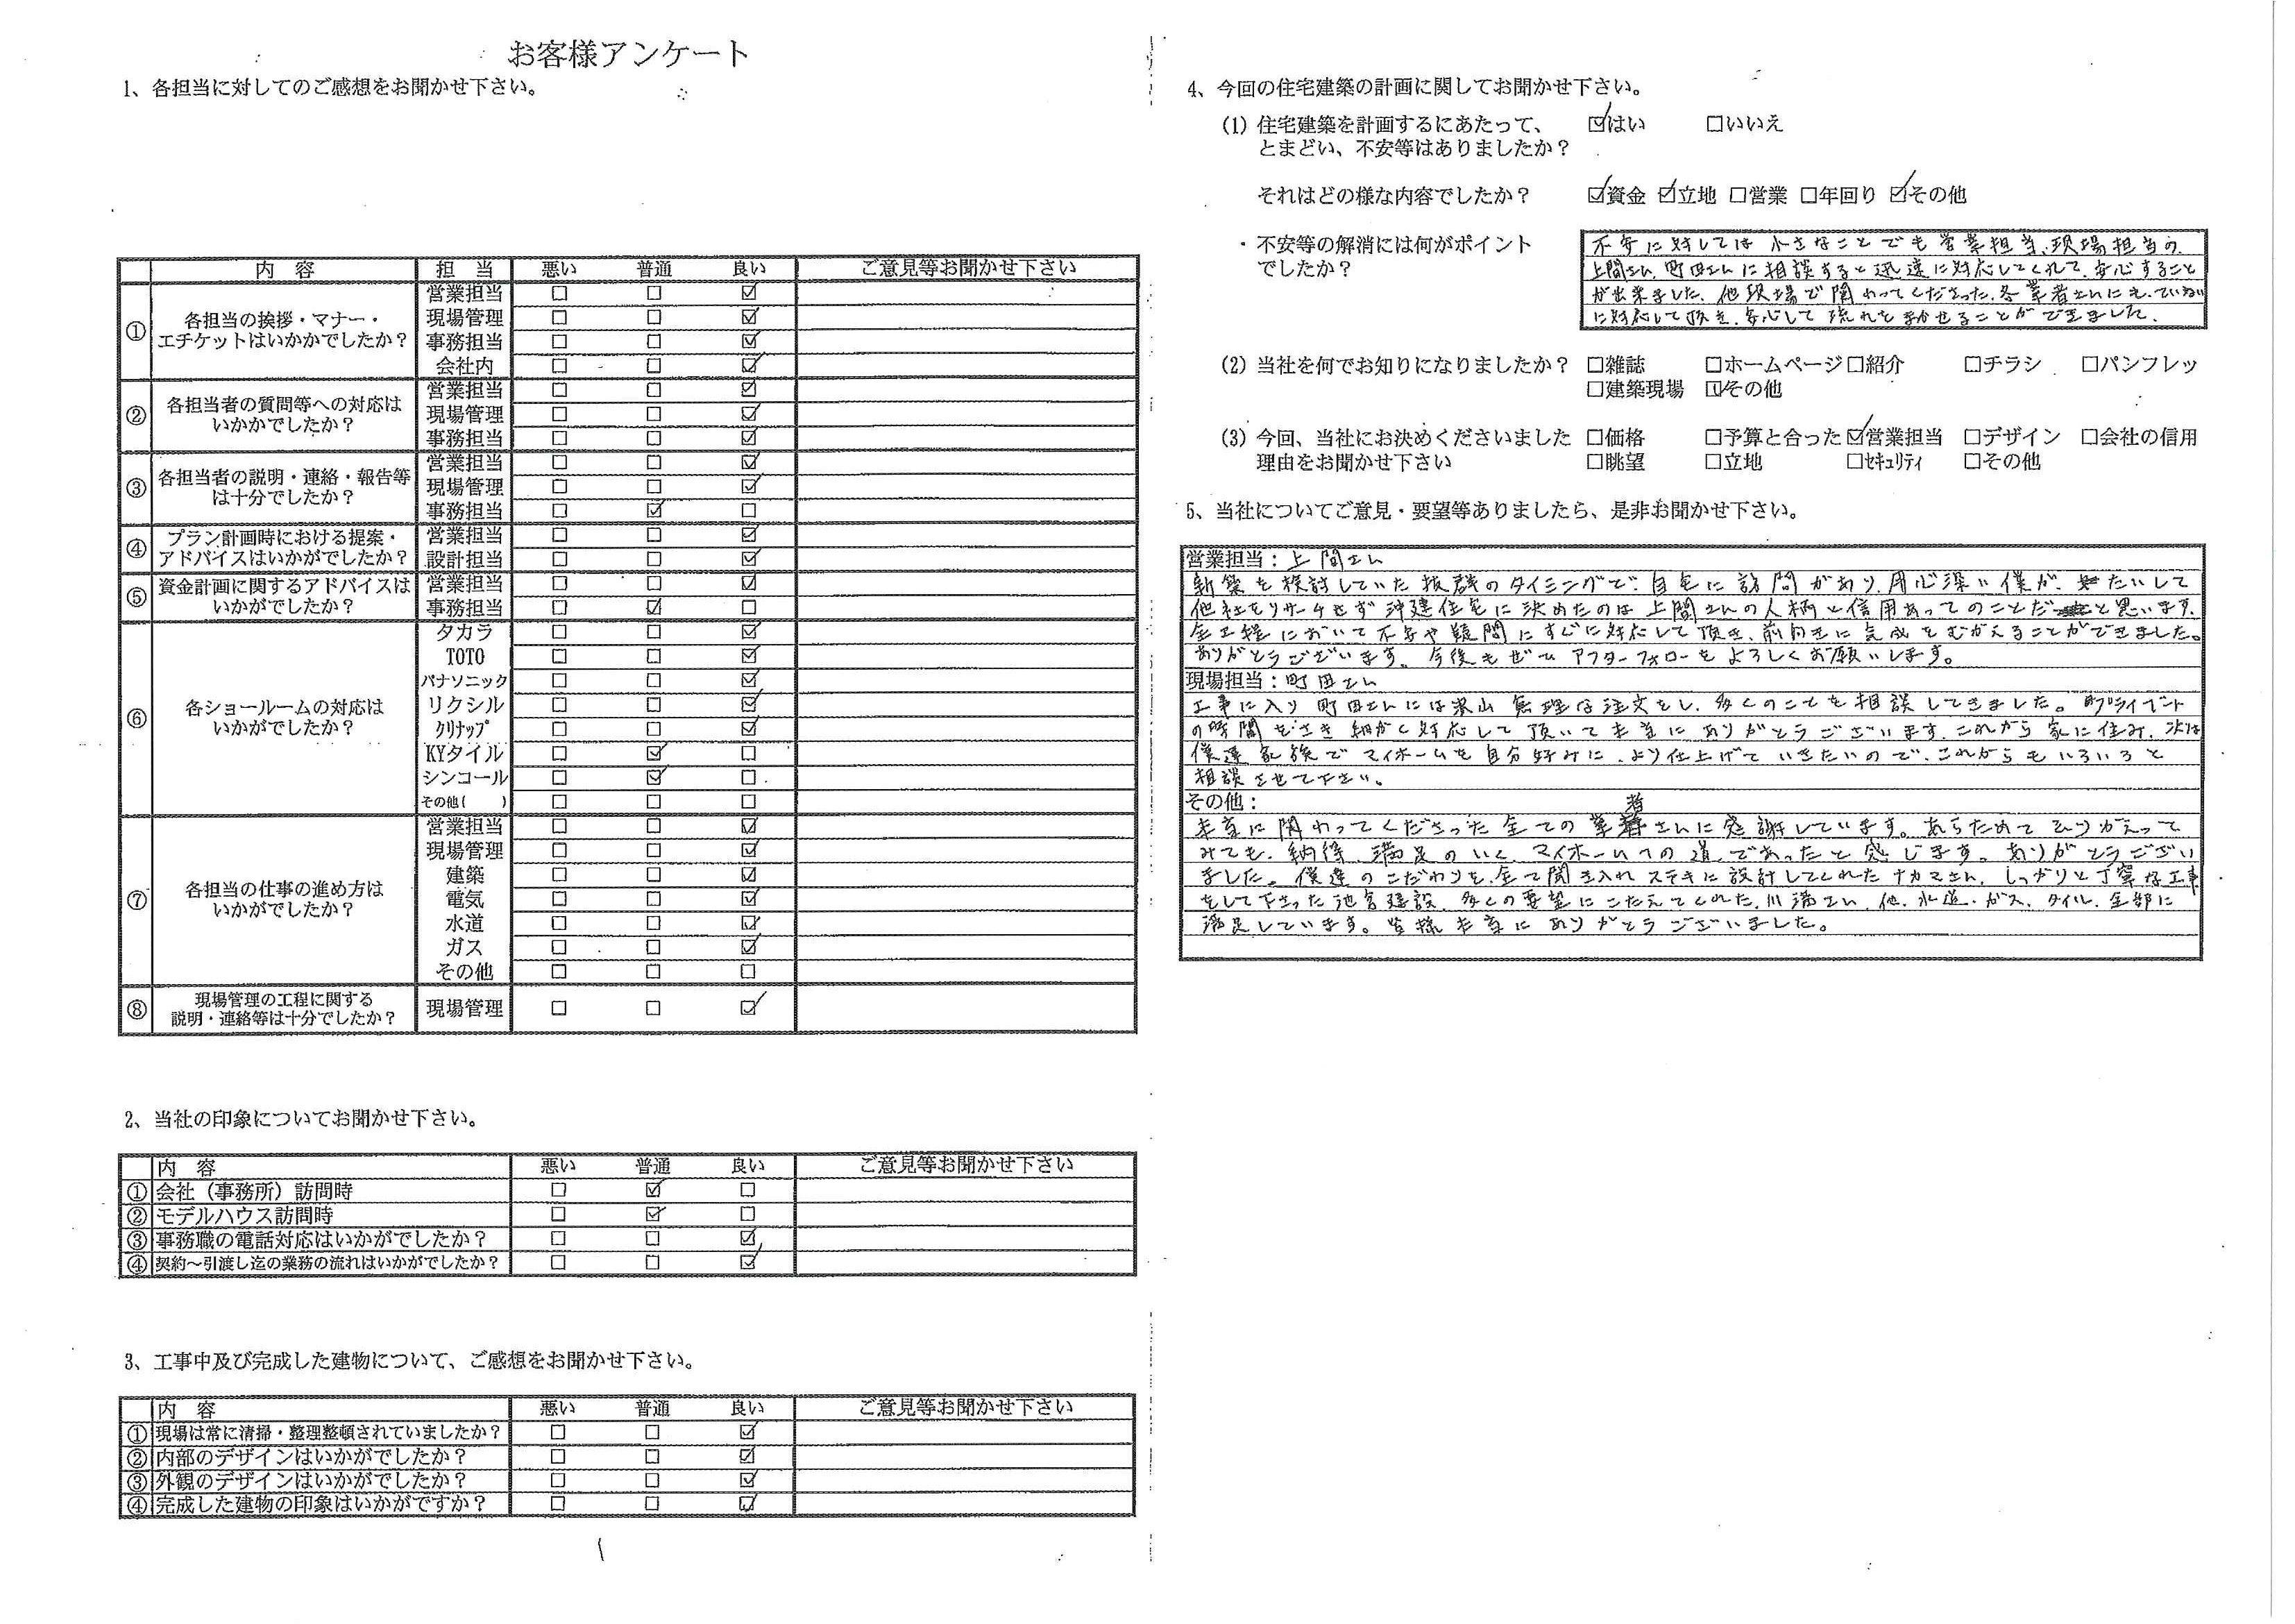 20160302_お客様アンケート